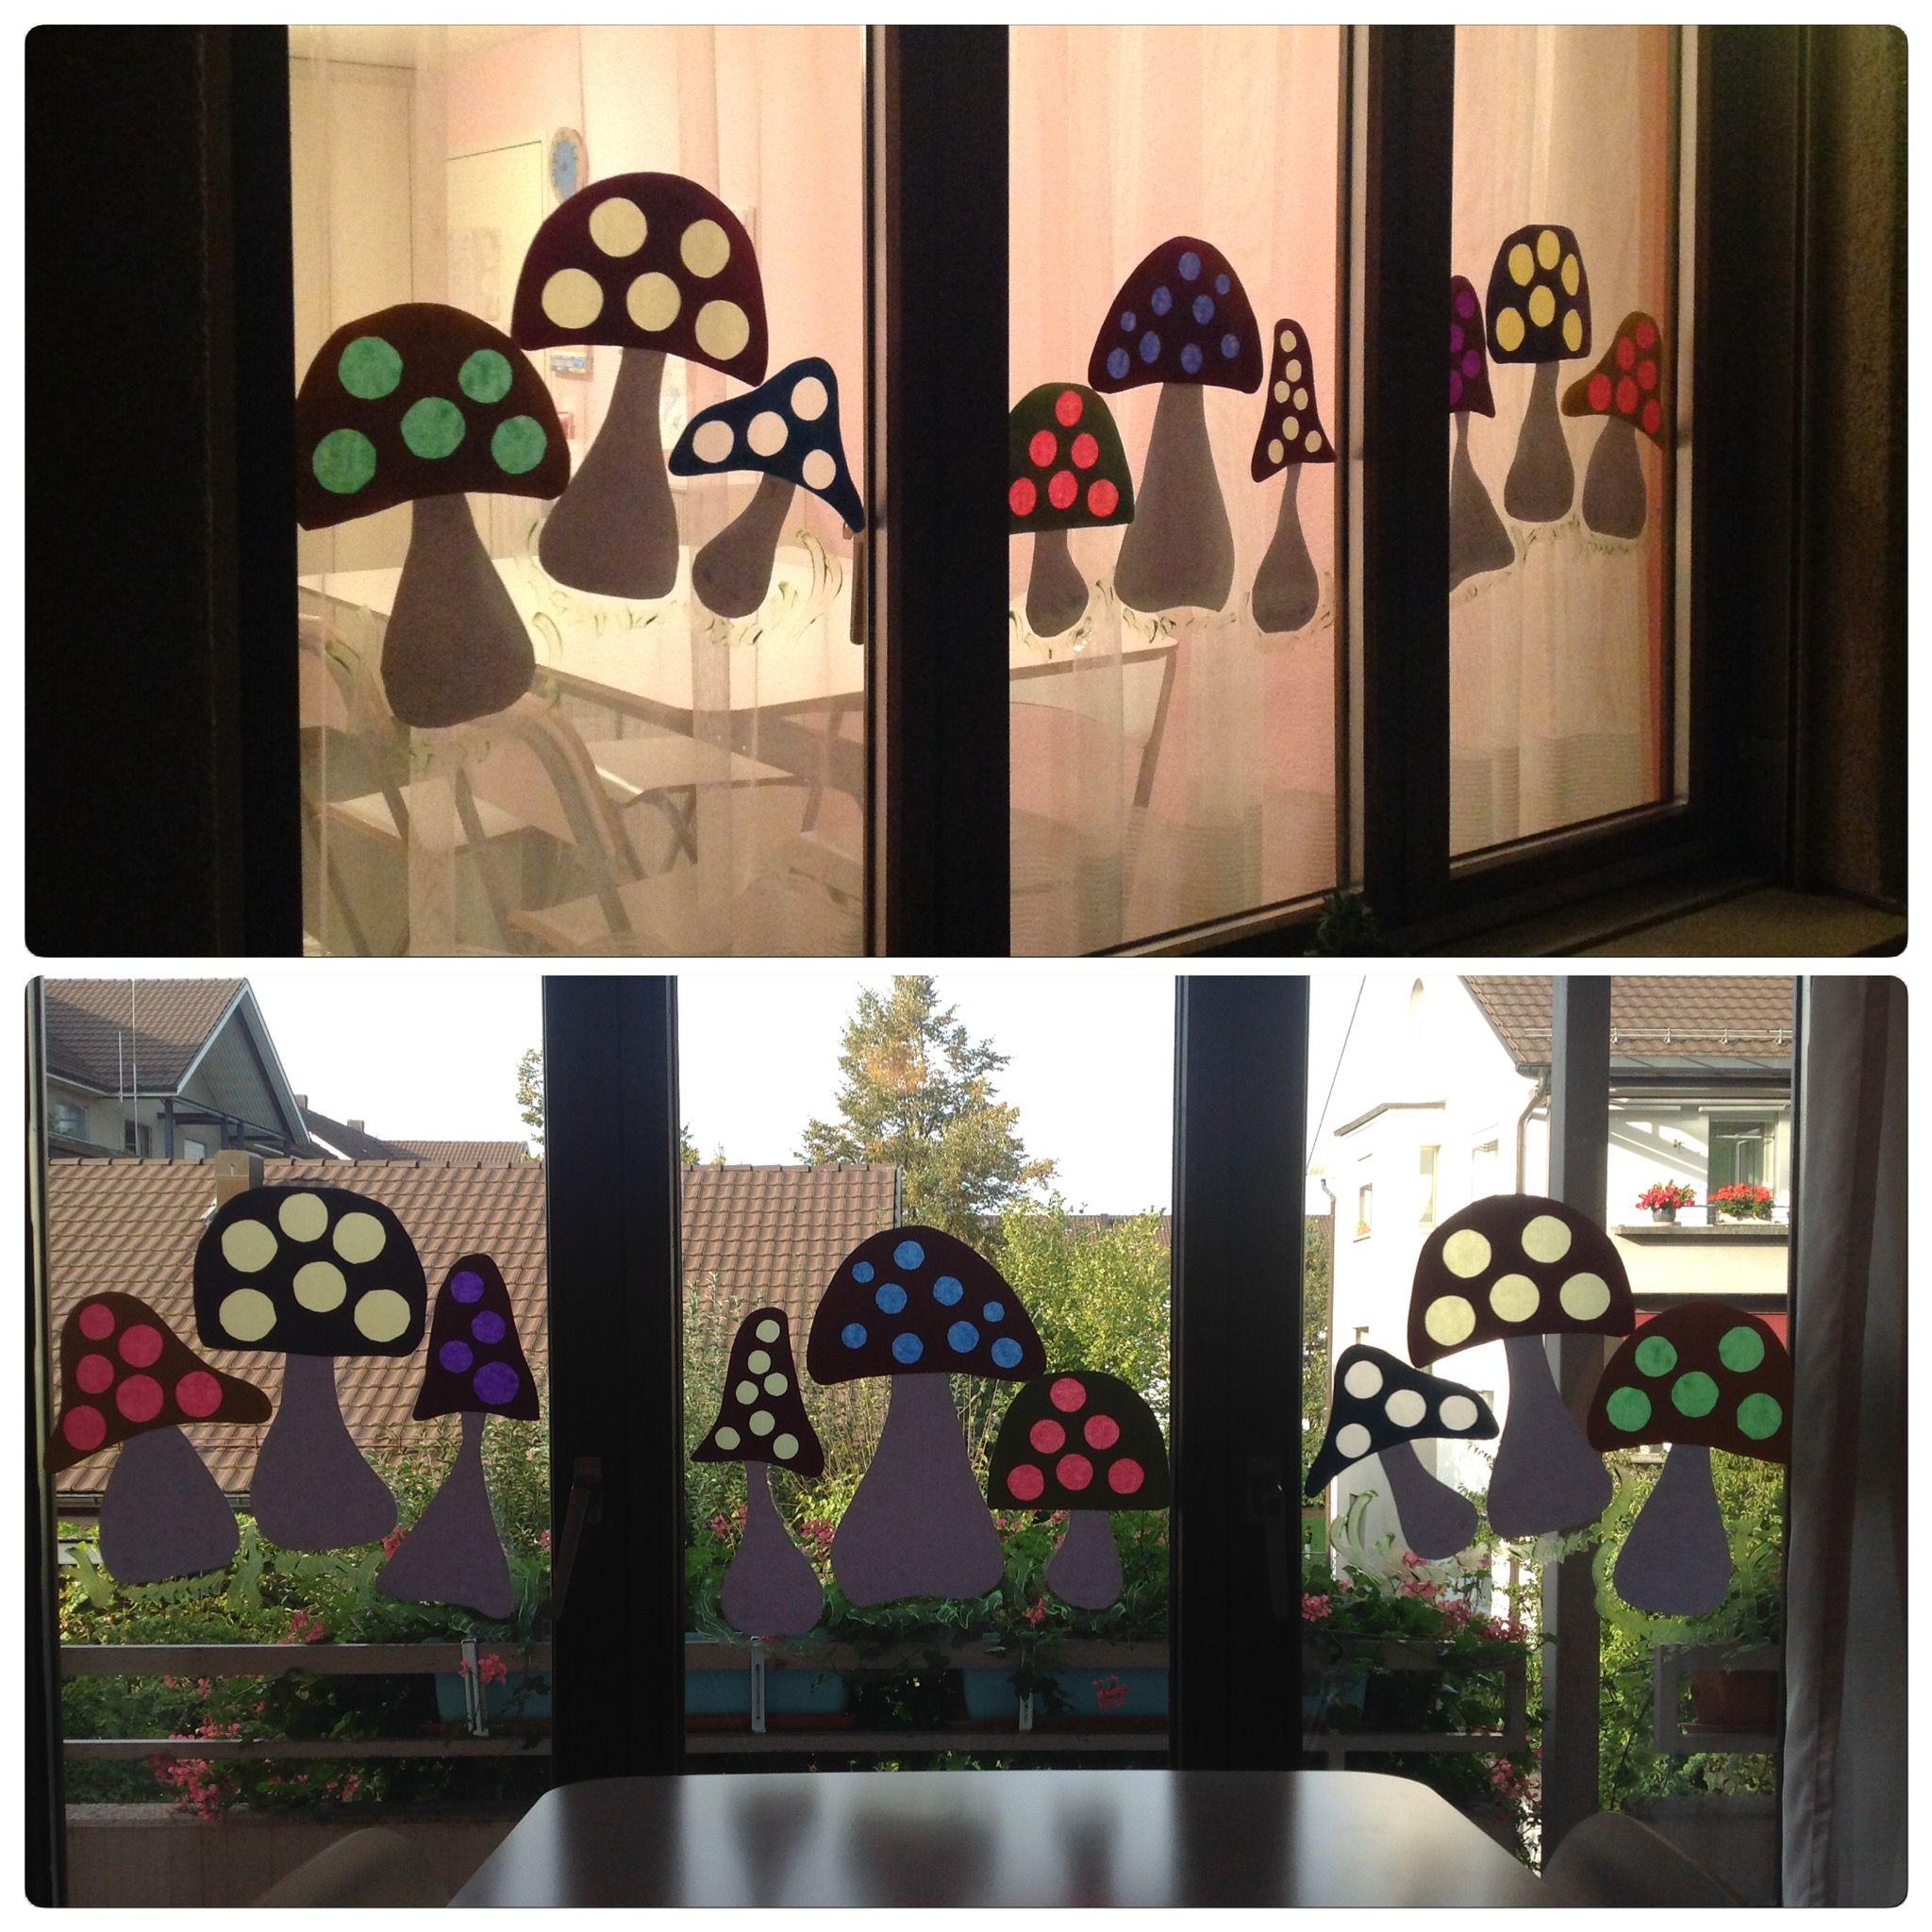 Herbstfenster herbst 2017 herbst basteln herbst und - Fensterdeko herbst grundschule ...